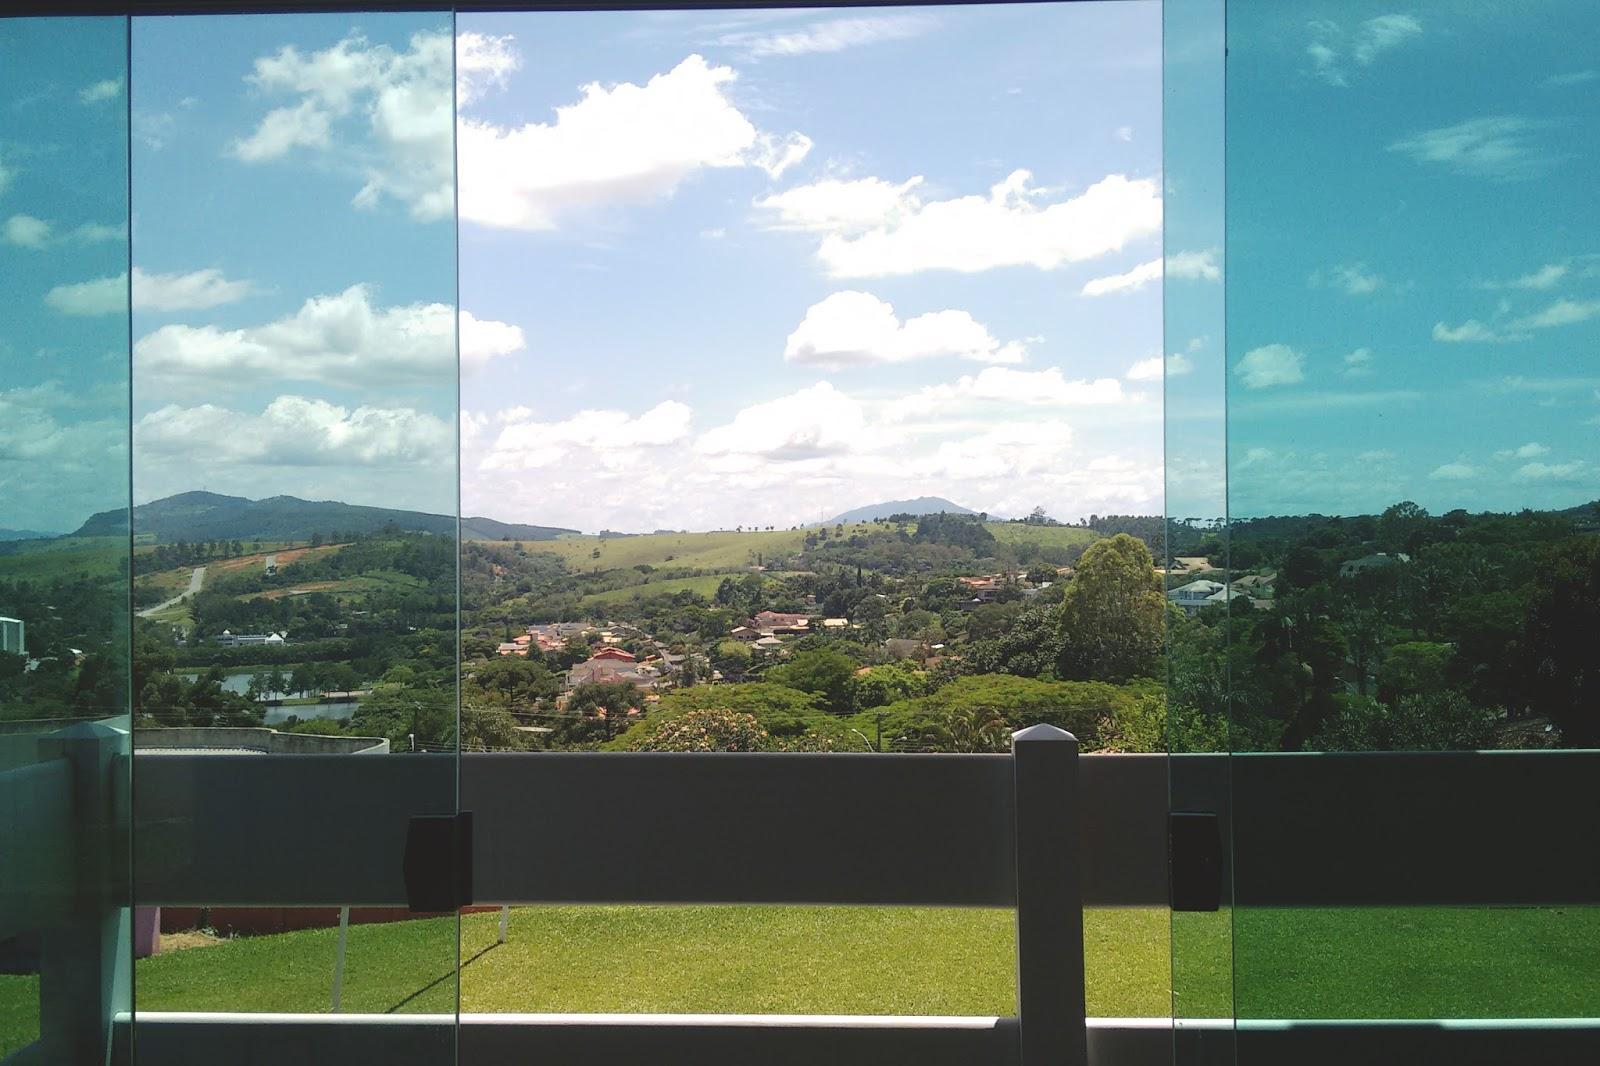 vista da janela da sacada da sala